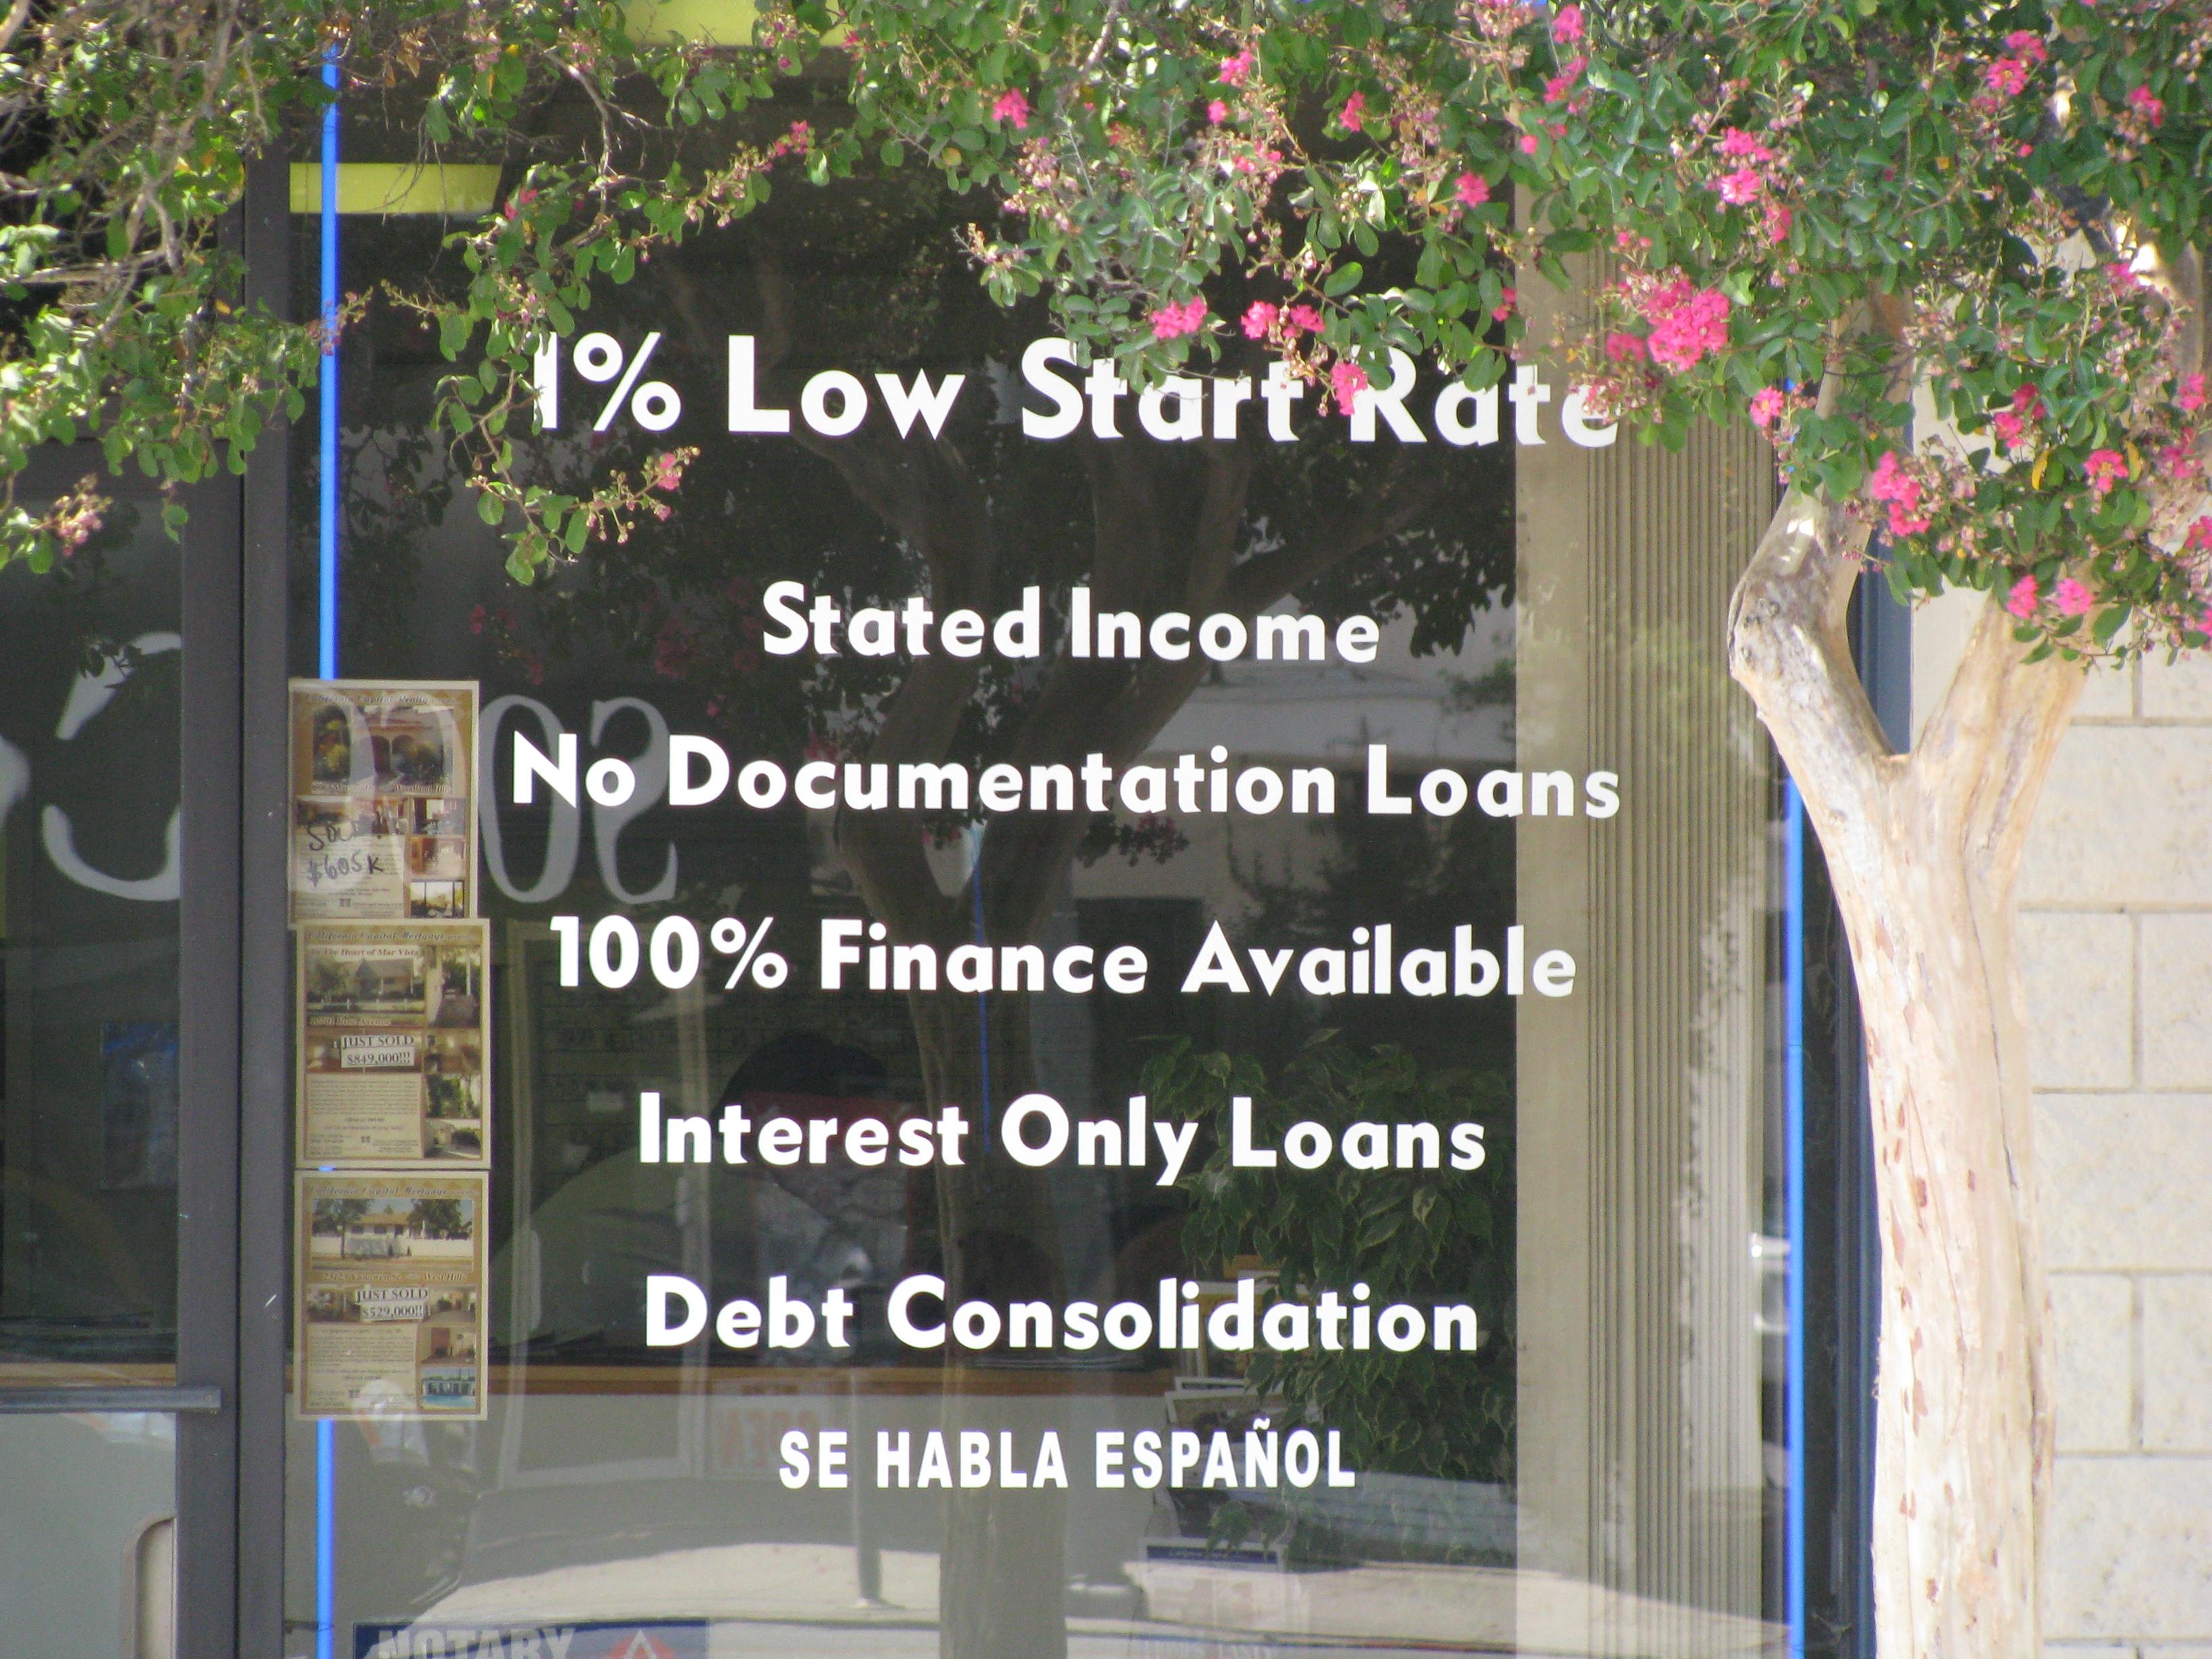 Met dit soort lokrentes werden mensen die helemaal geen hypotheek konden betalen, overgehaald. Zo begon de subprime crisis.